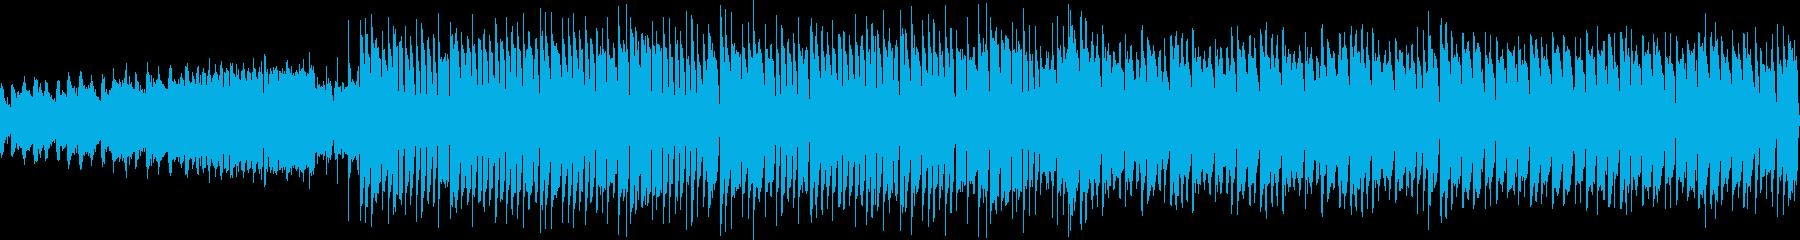 eスポーツ 大会 EDM 60秒の再生済みの波形